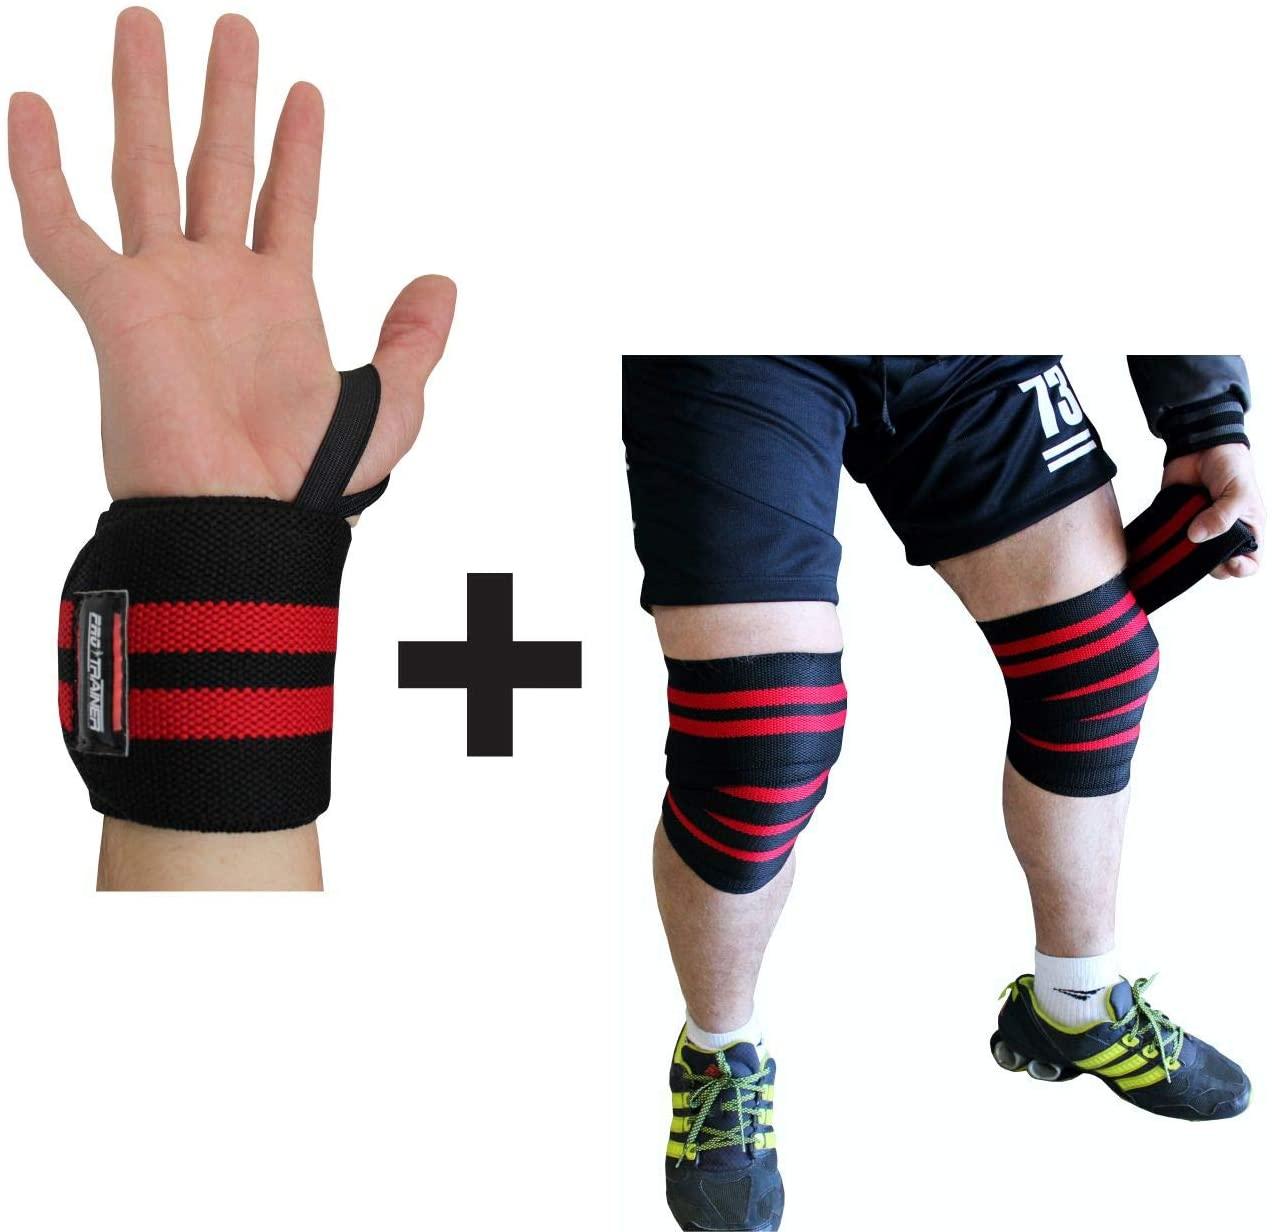 kit faixa elastica